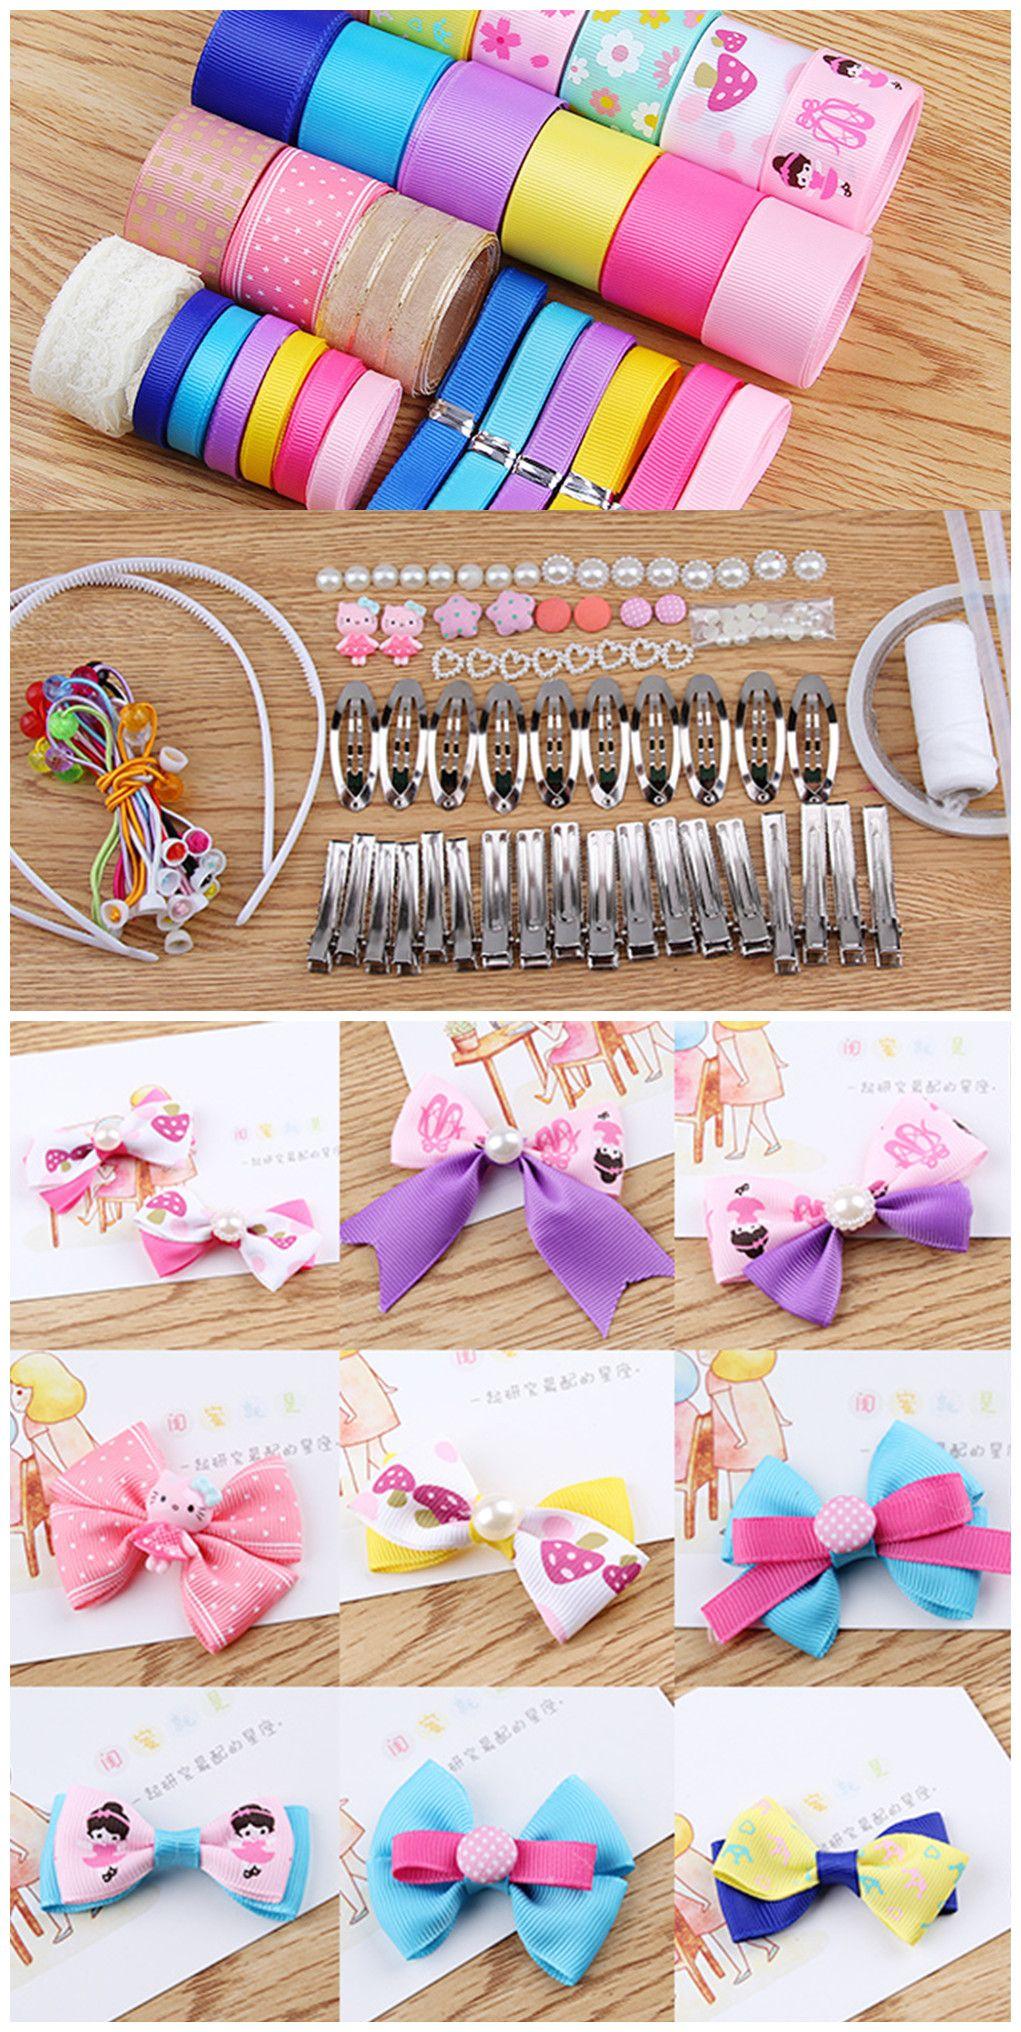 SUNNYCLUE 50 Sätze Alligator Haarspange Seile Bänder Kit Band Haarbögen Haarnadeln Rutschfeste Haarspangen Haarschmuck Sets Für Mädchen Teens Kinder